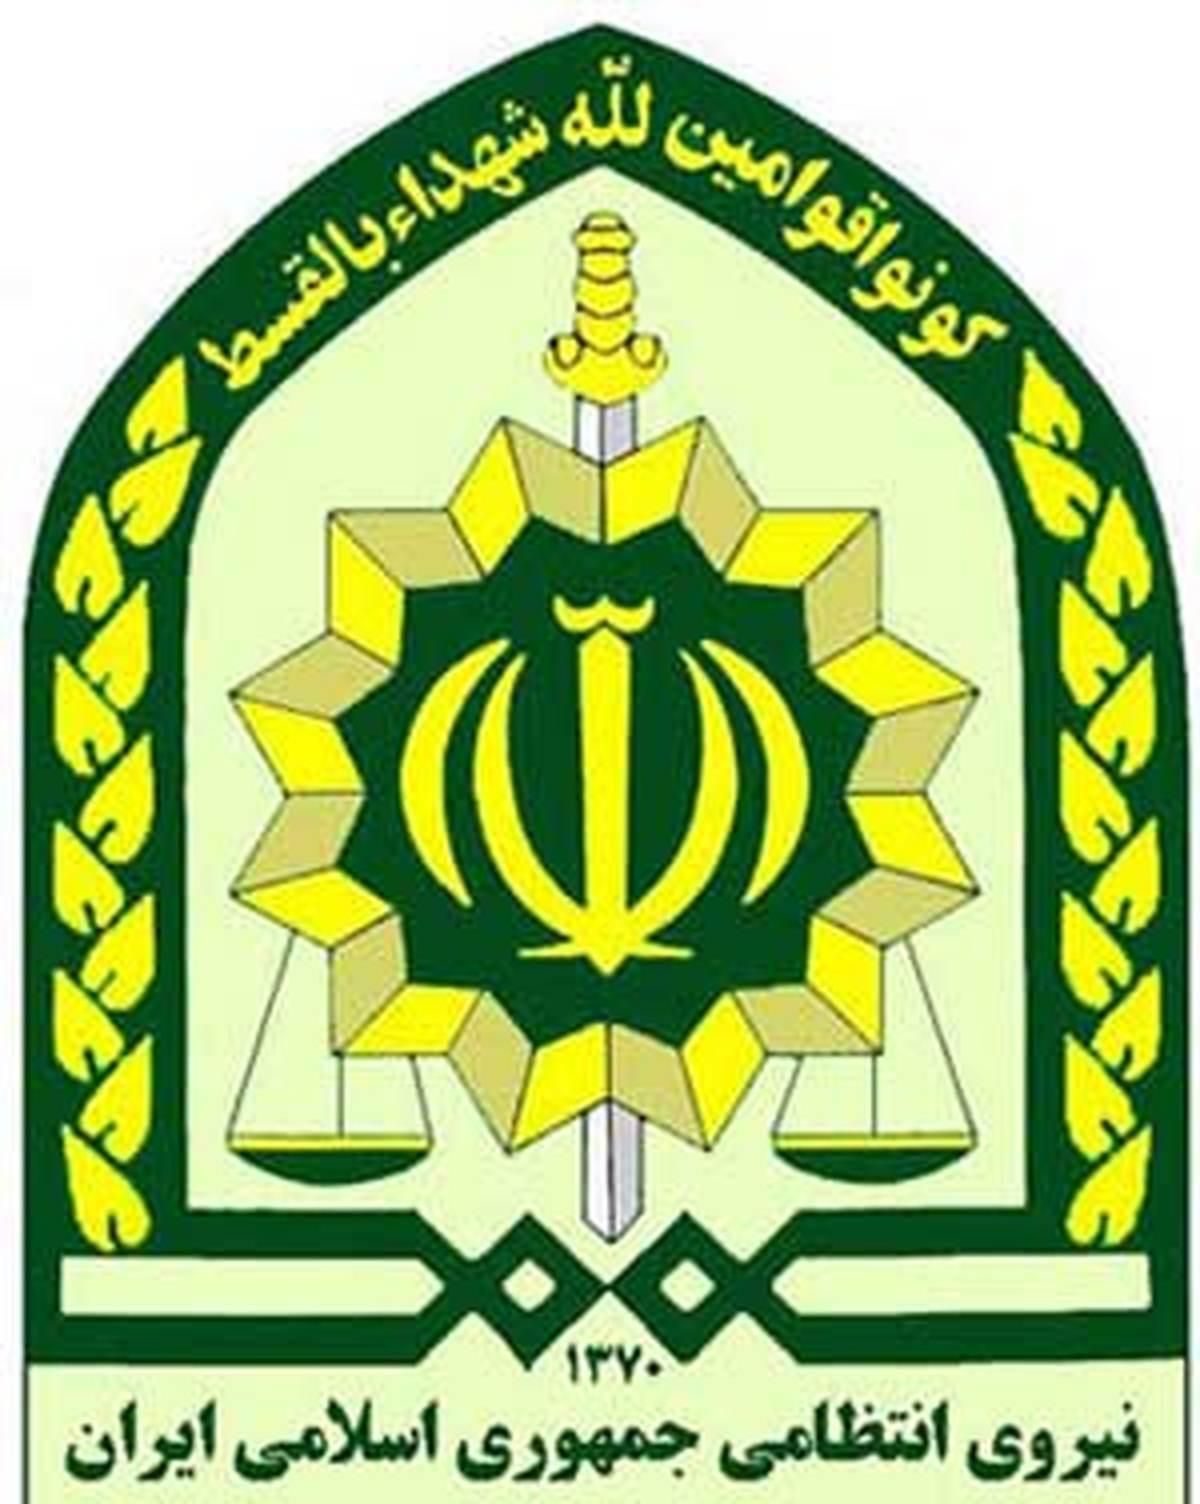 توضیحات پلیس پیرامون تیراندازی در تهران